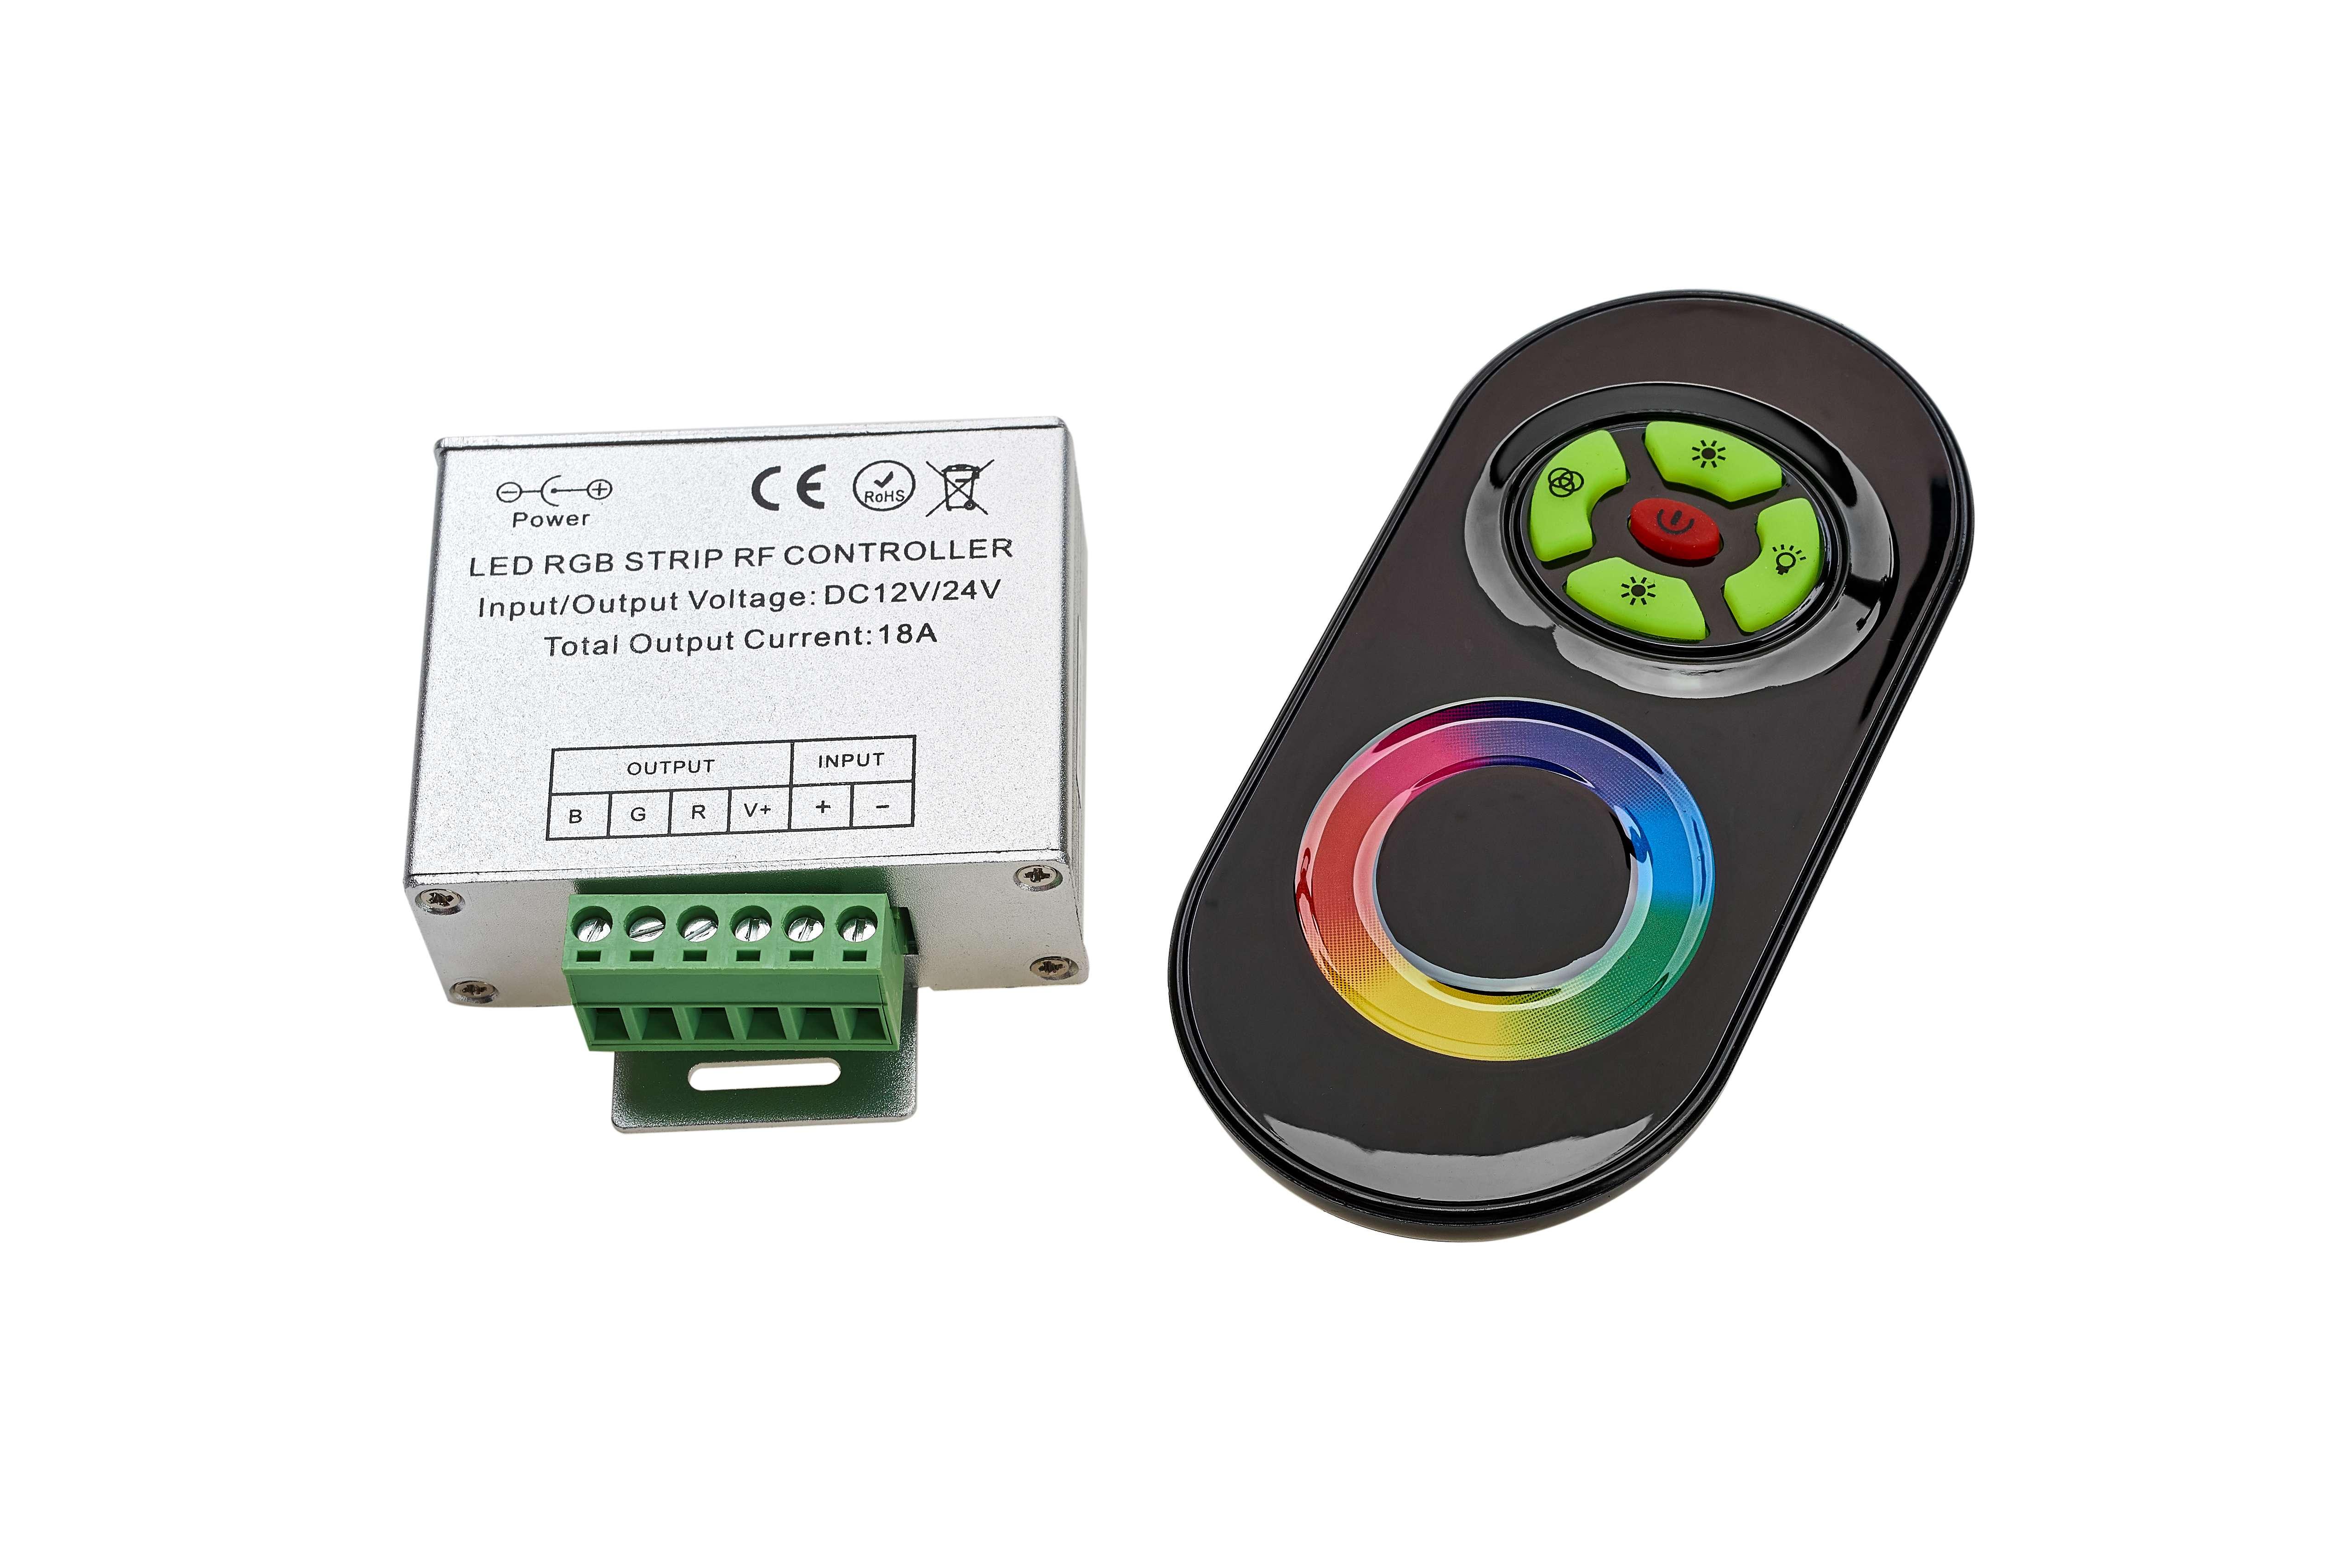 Sterownik RGB 12V 216W dotykowy (5p.+ panel) RF